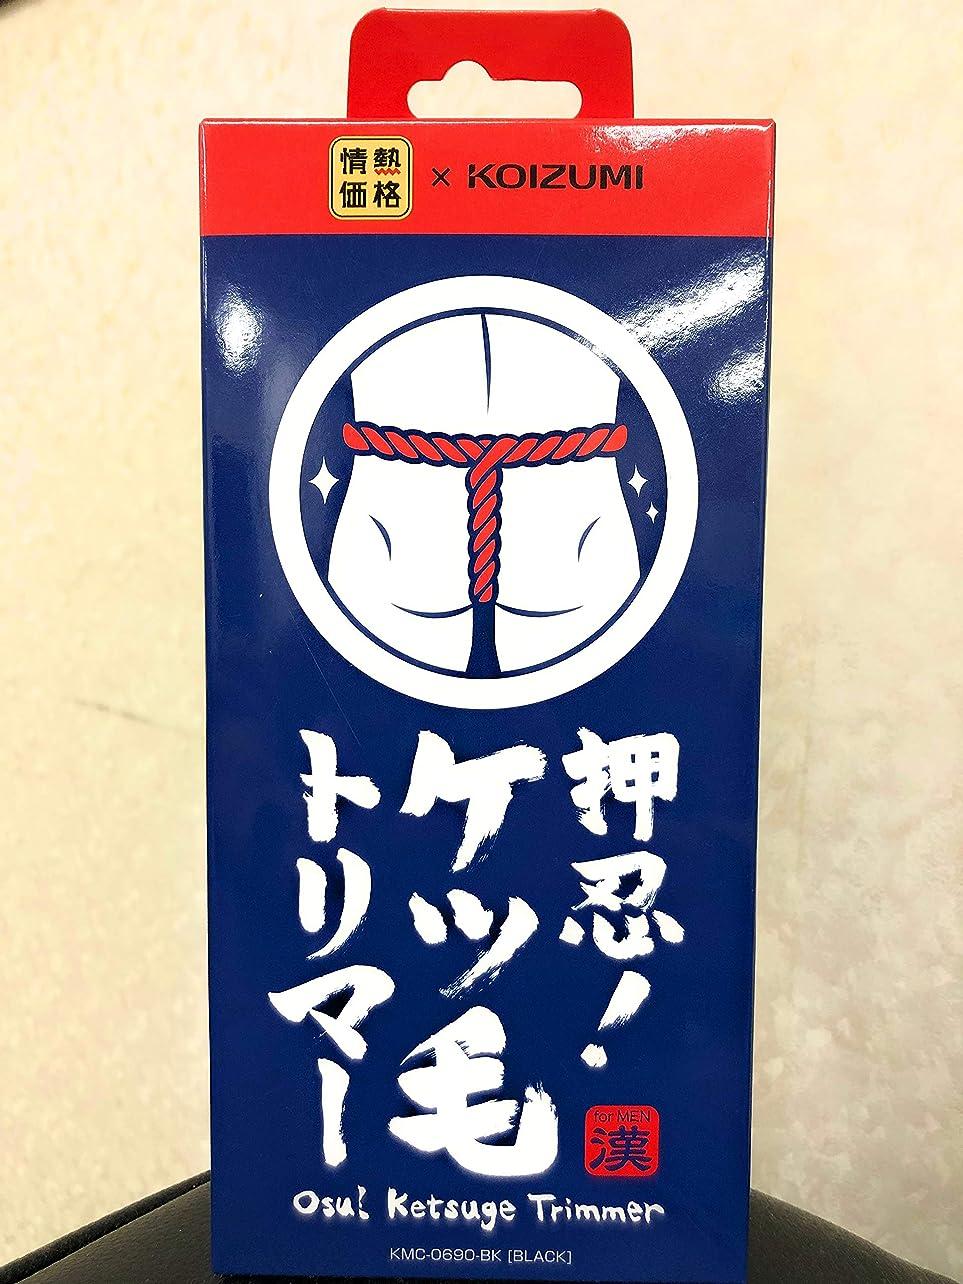 こっそり講義幻想KOIZUMI 押忍!ケツ毛トリマー LEDライト搭載 KMC-0690-BK for MEN